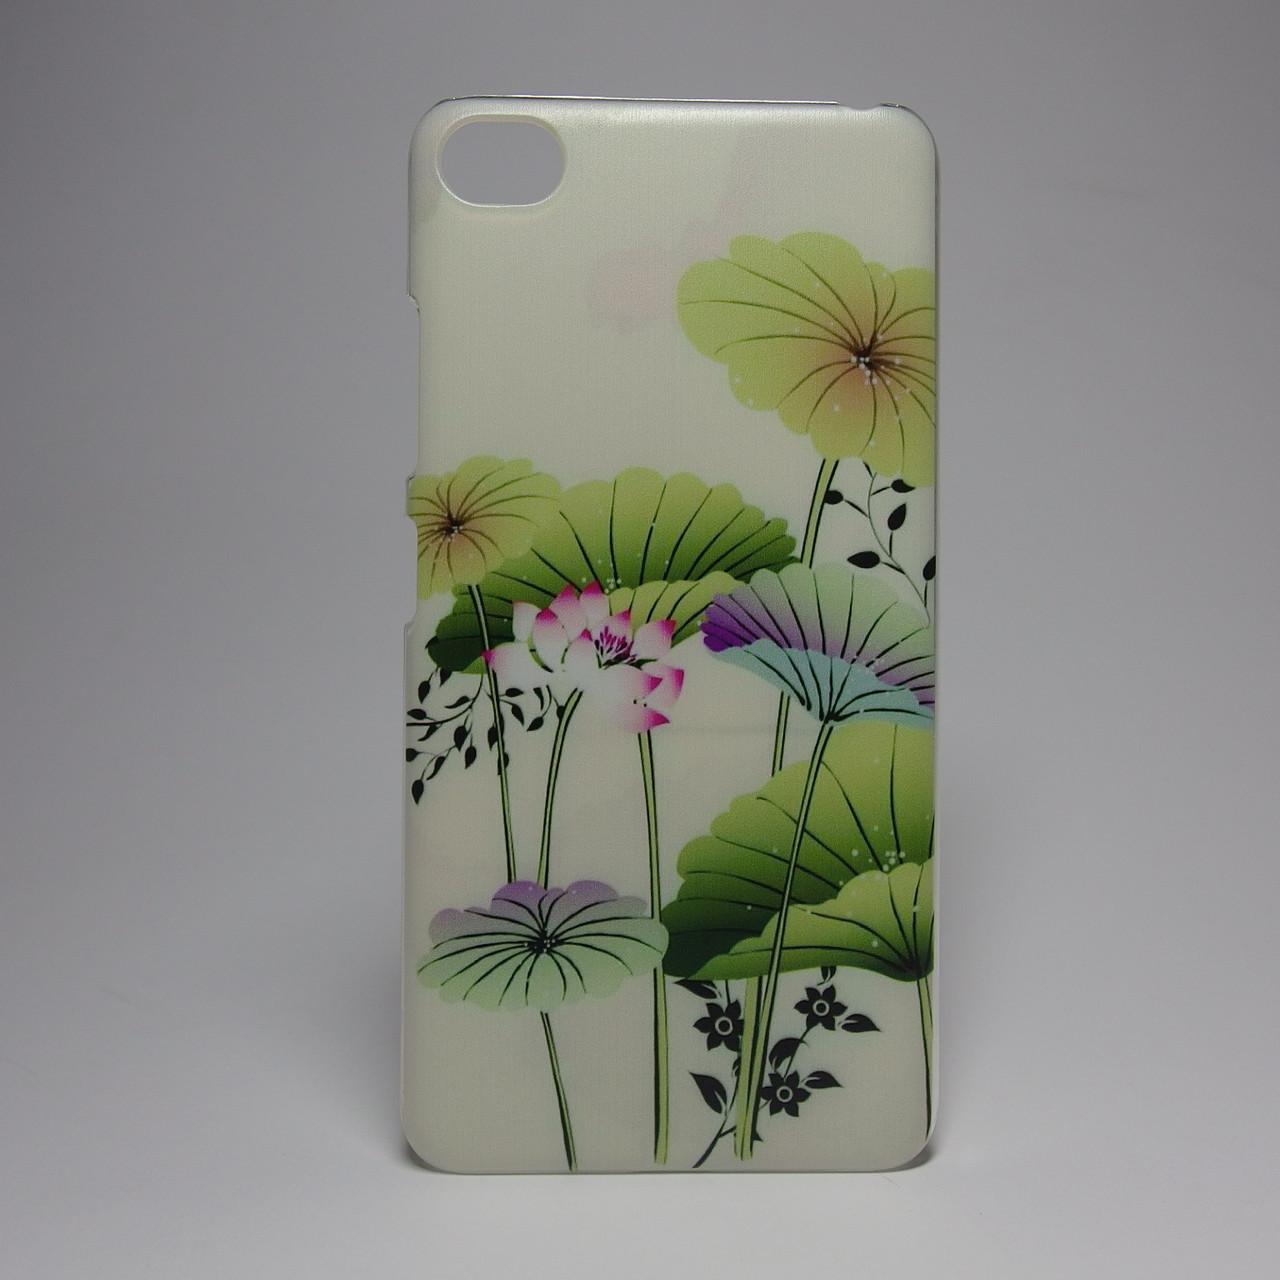 Чехол для lenovo s90 панель накладка с рисунком цветы